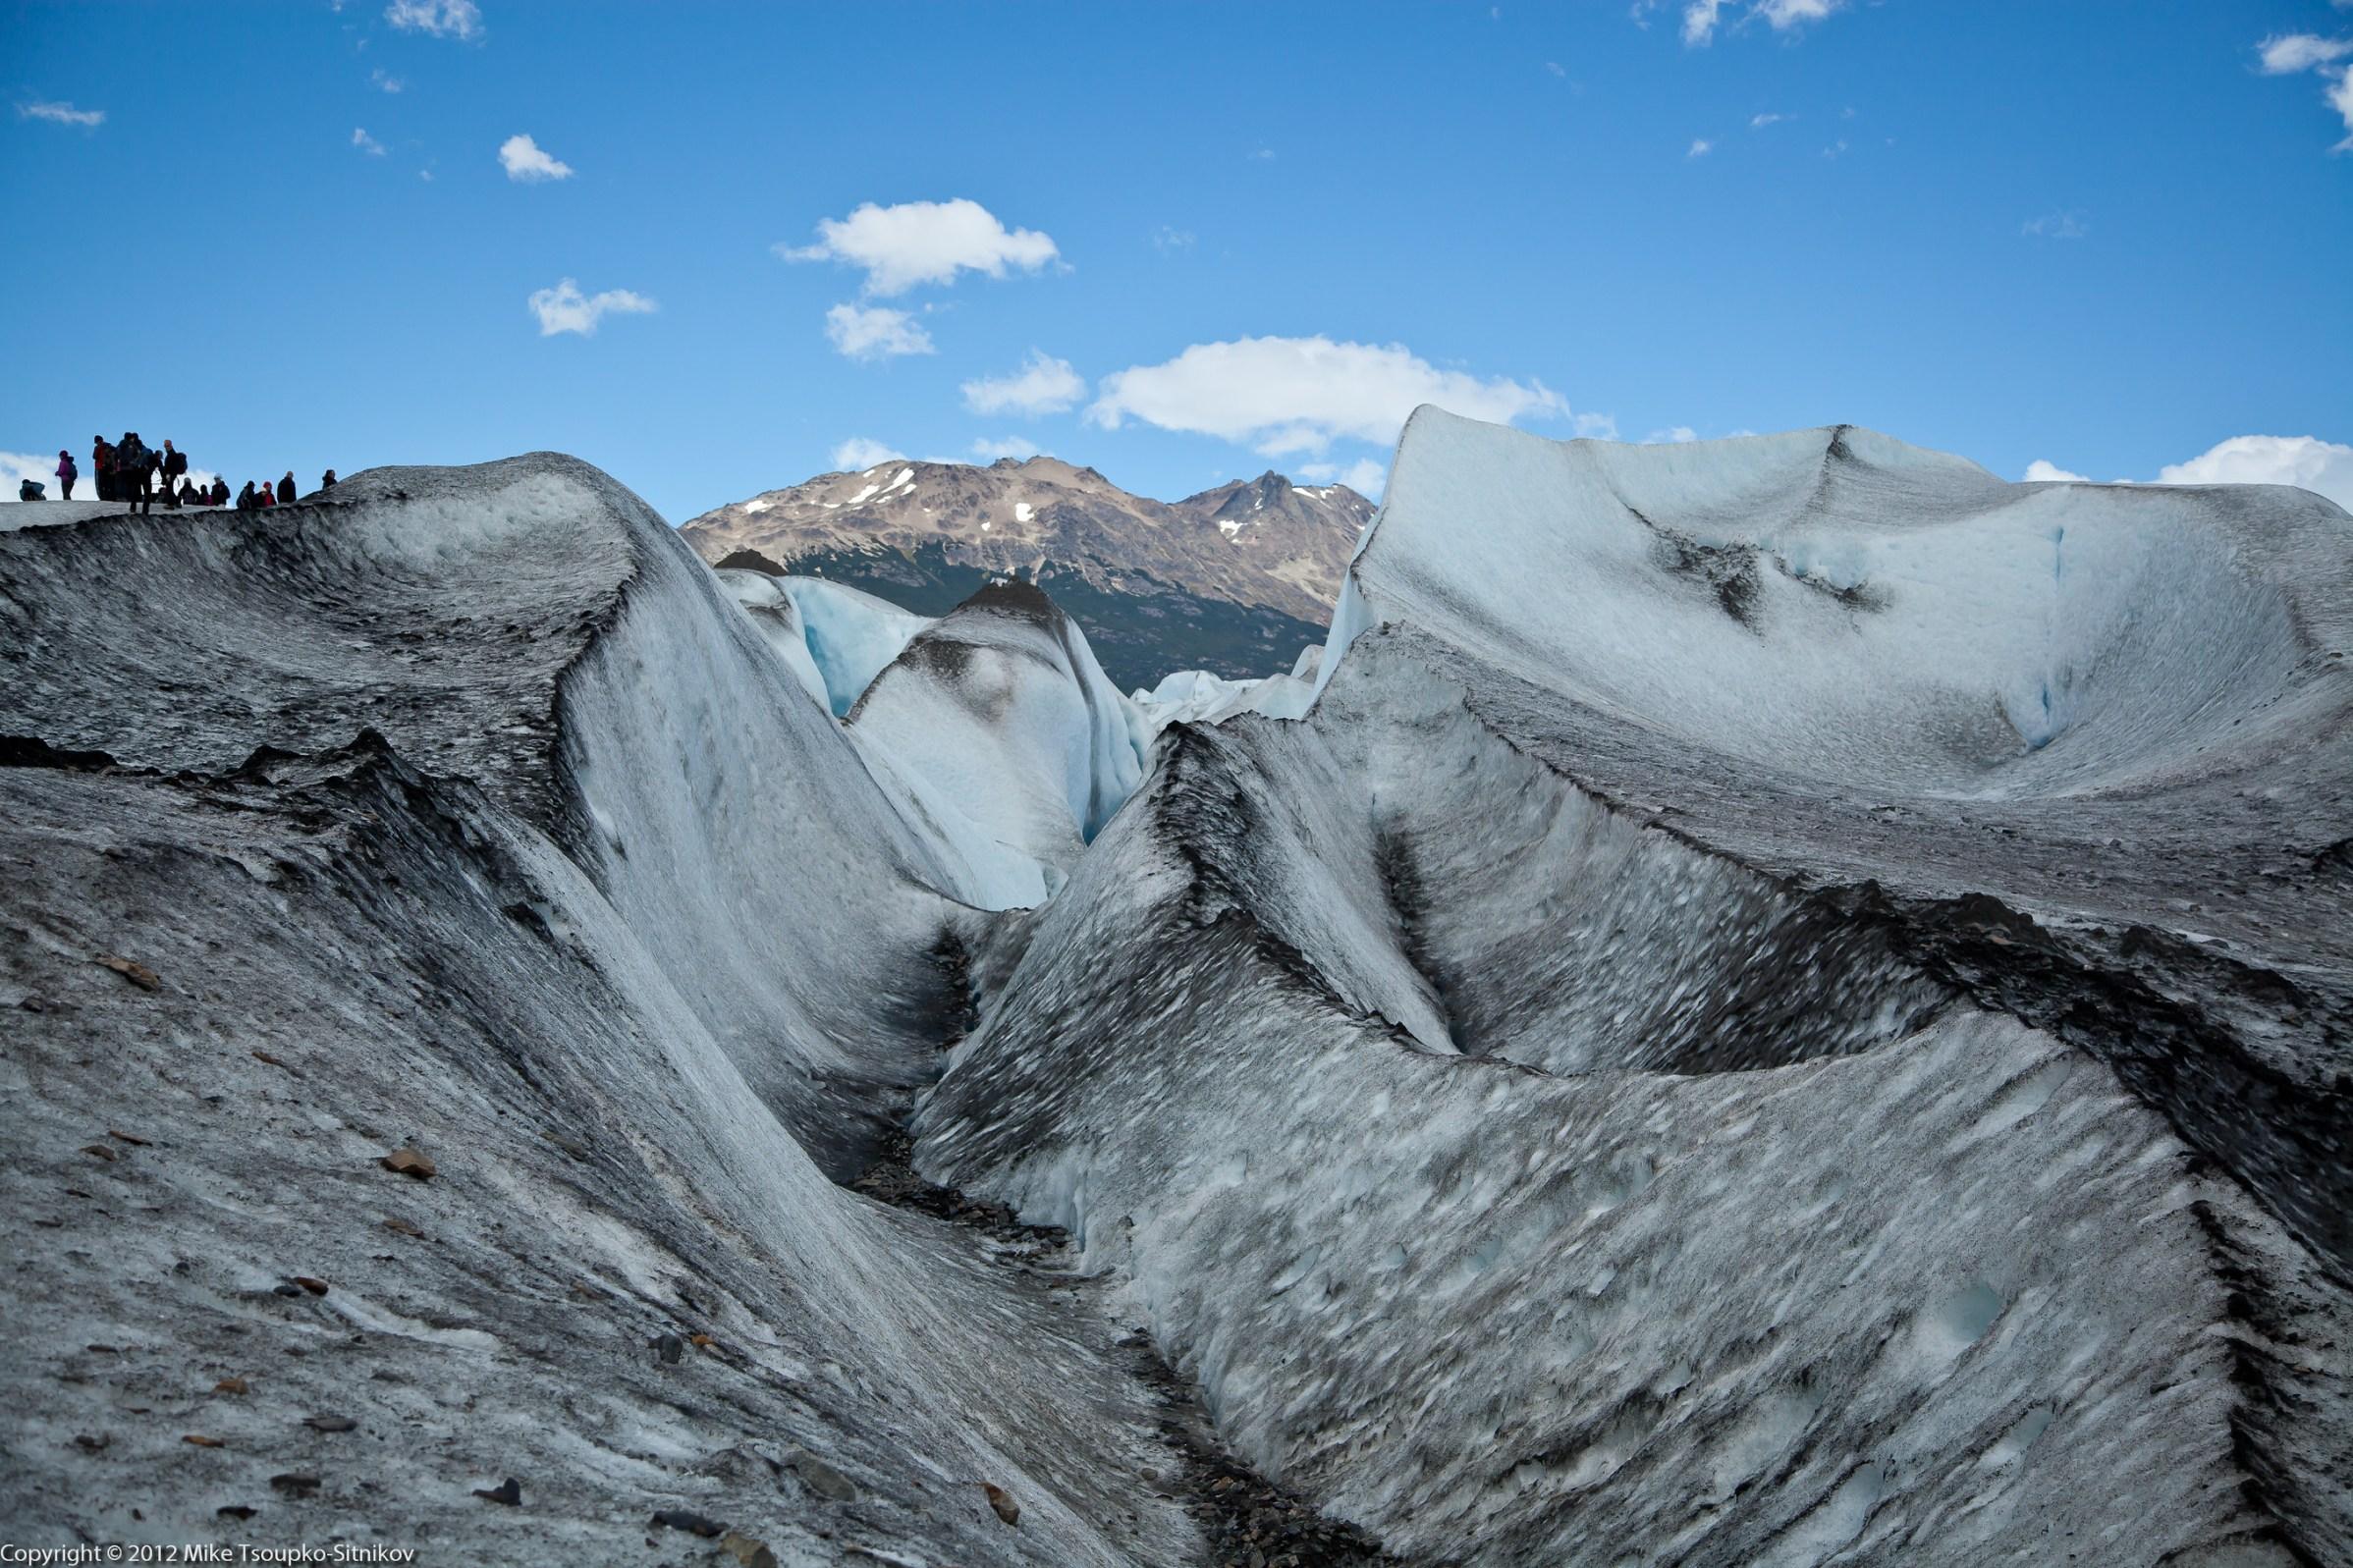 Viedma Glacier: it's not all pristine white